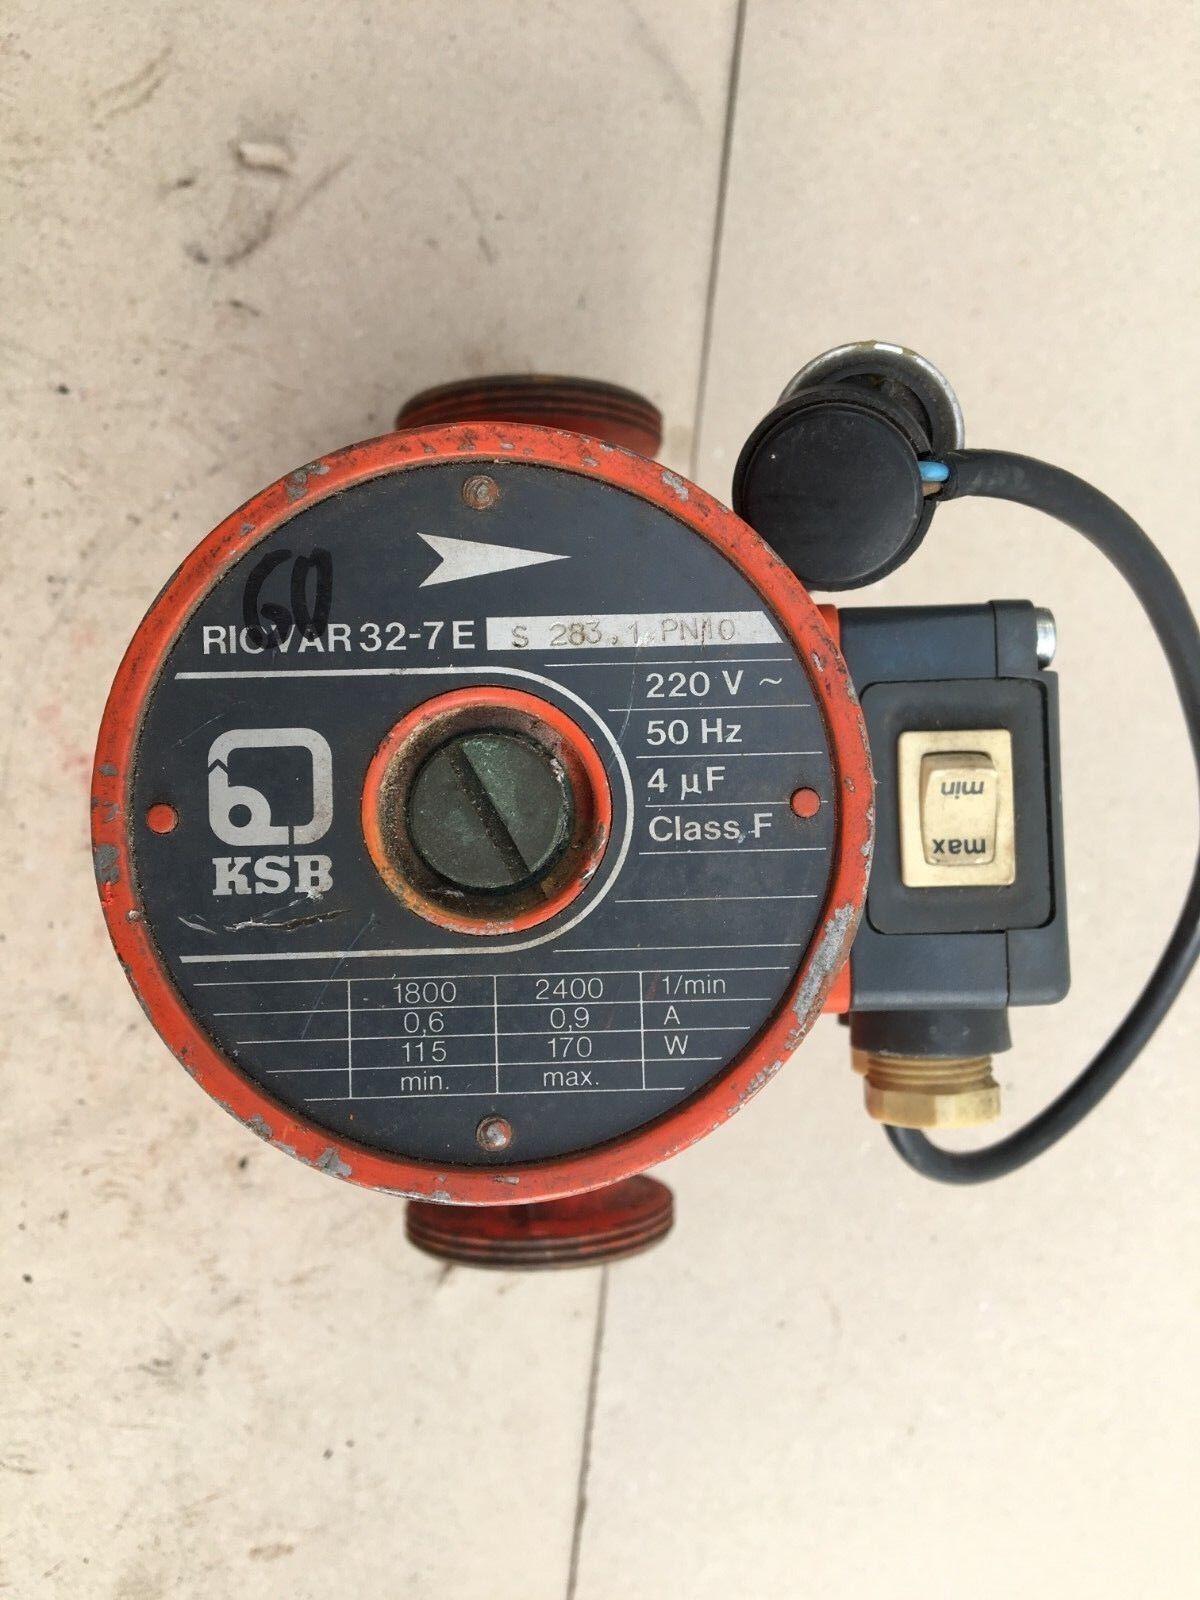 KSB Riovar 32-7 32-7 32-7 E Heizungspumpe / Pumpe 0eb538